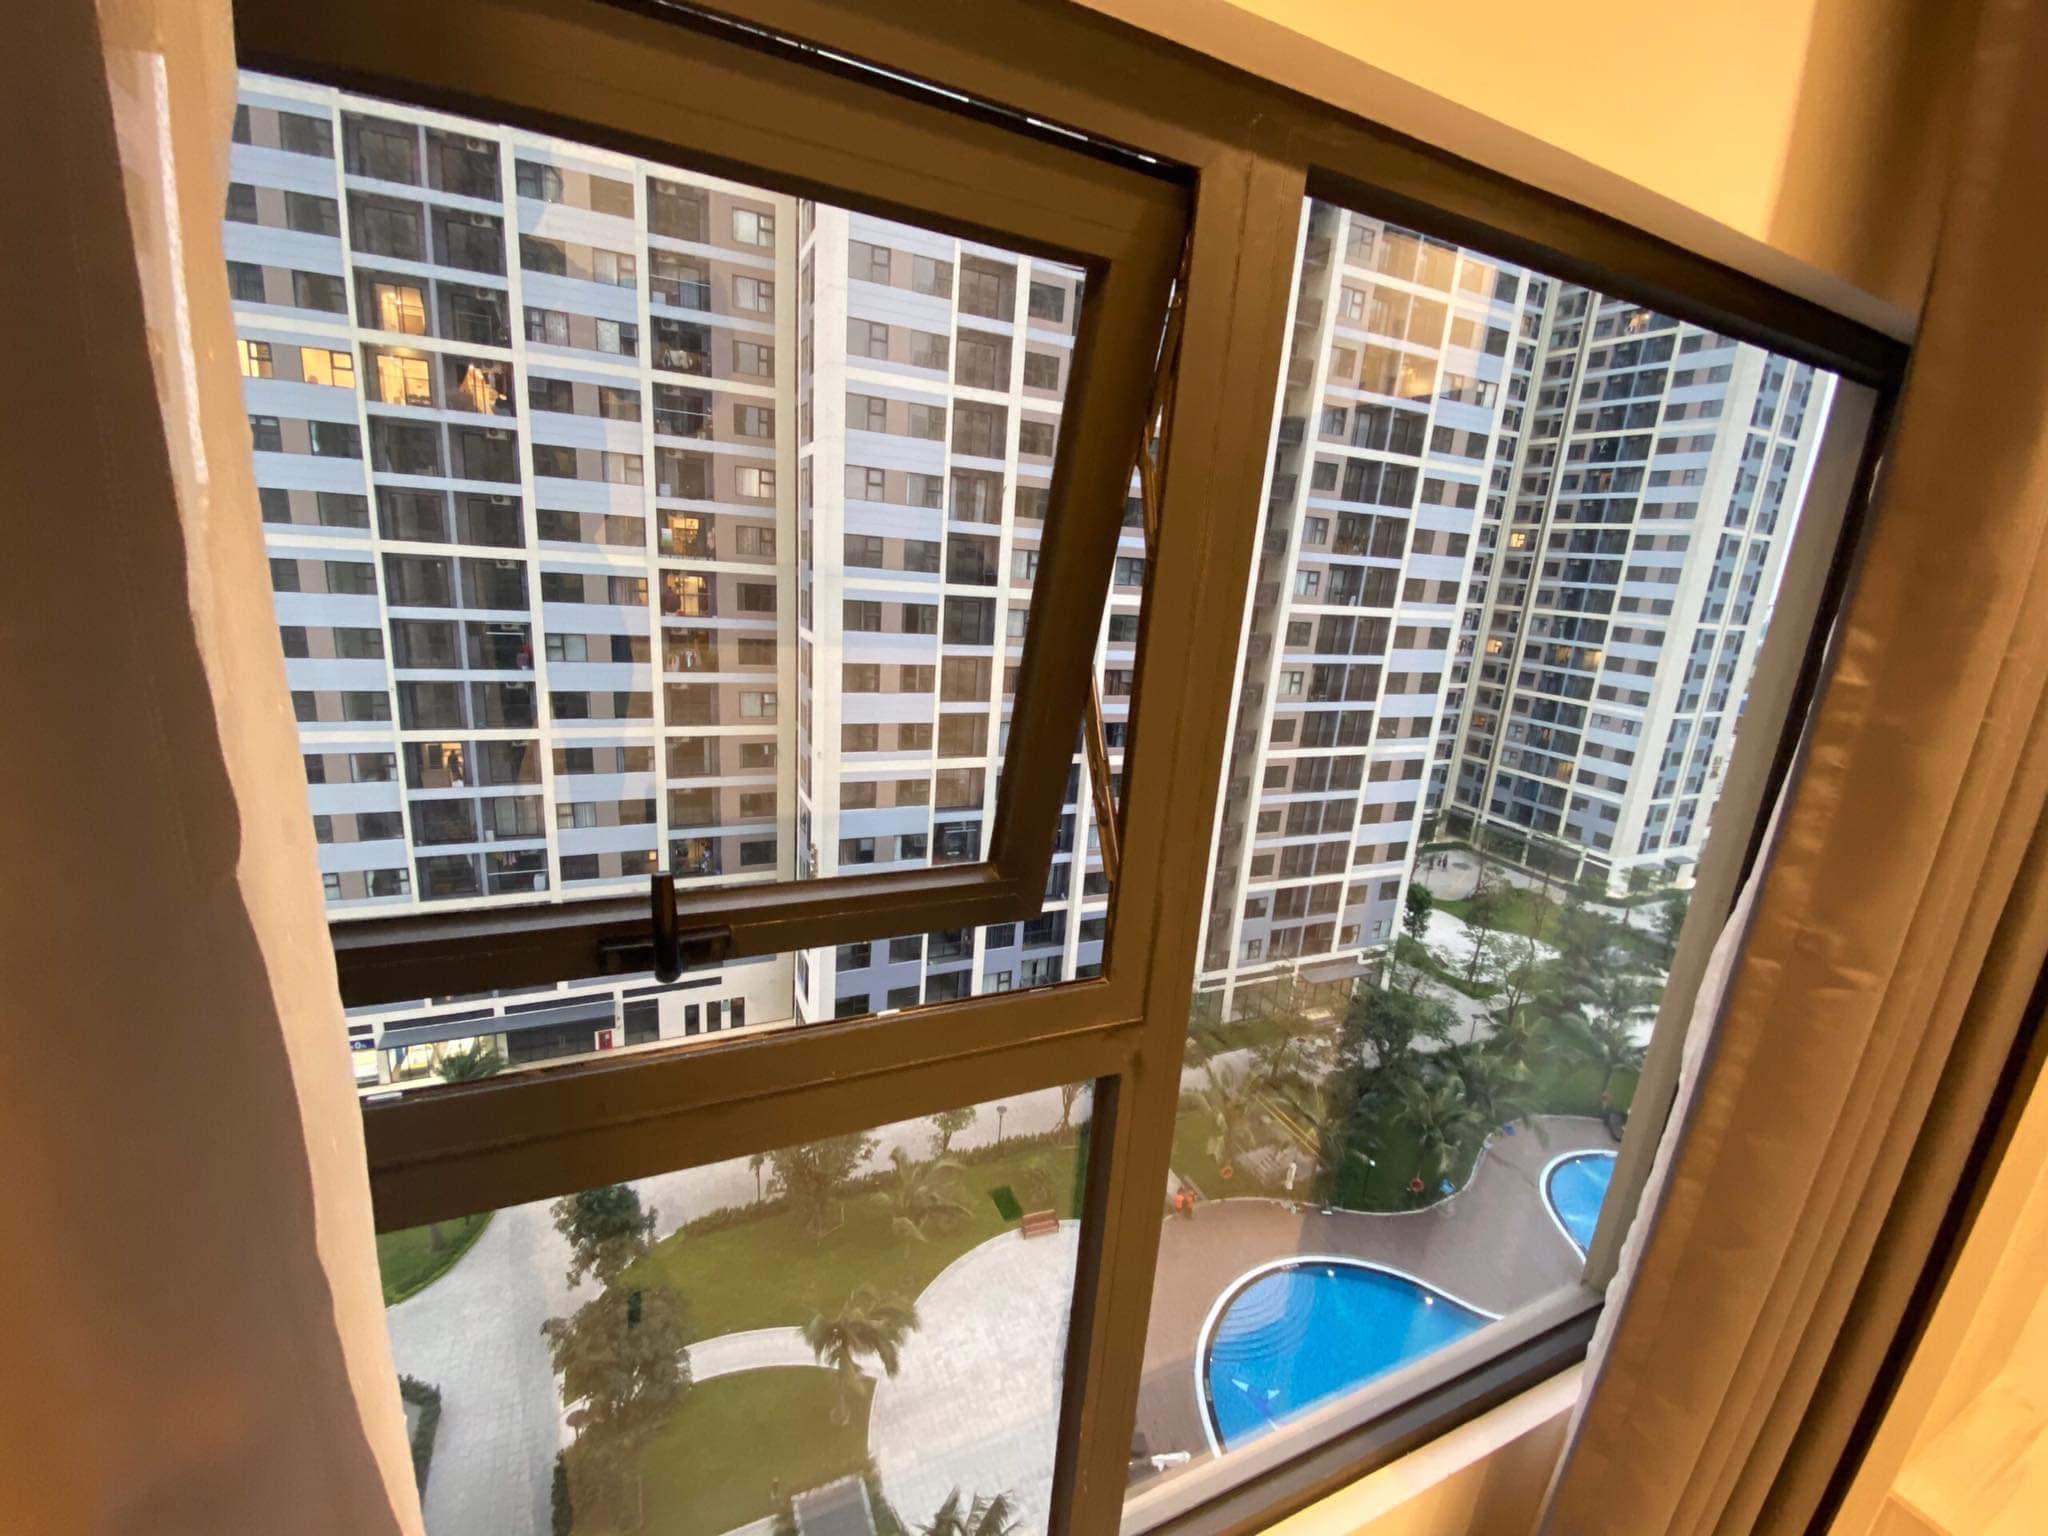 Căn hộ 1 phòng ngủ view hồ bơi tầng 16 toà S2.02 Vinhomes Grand Park 6